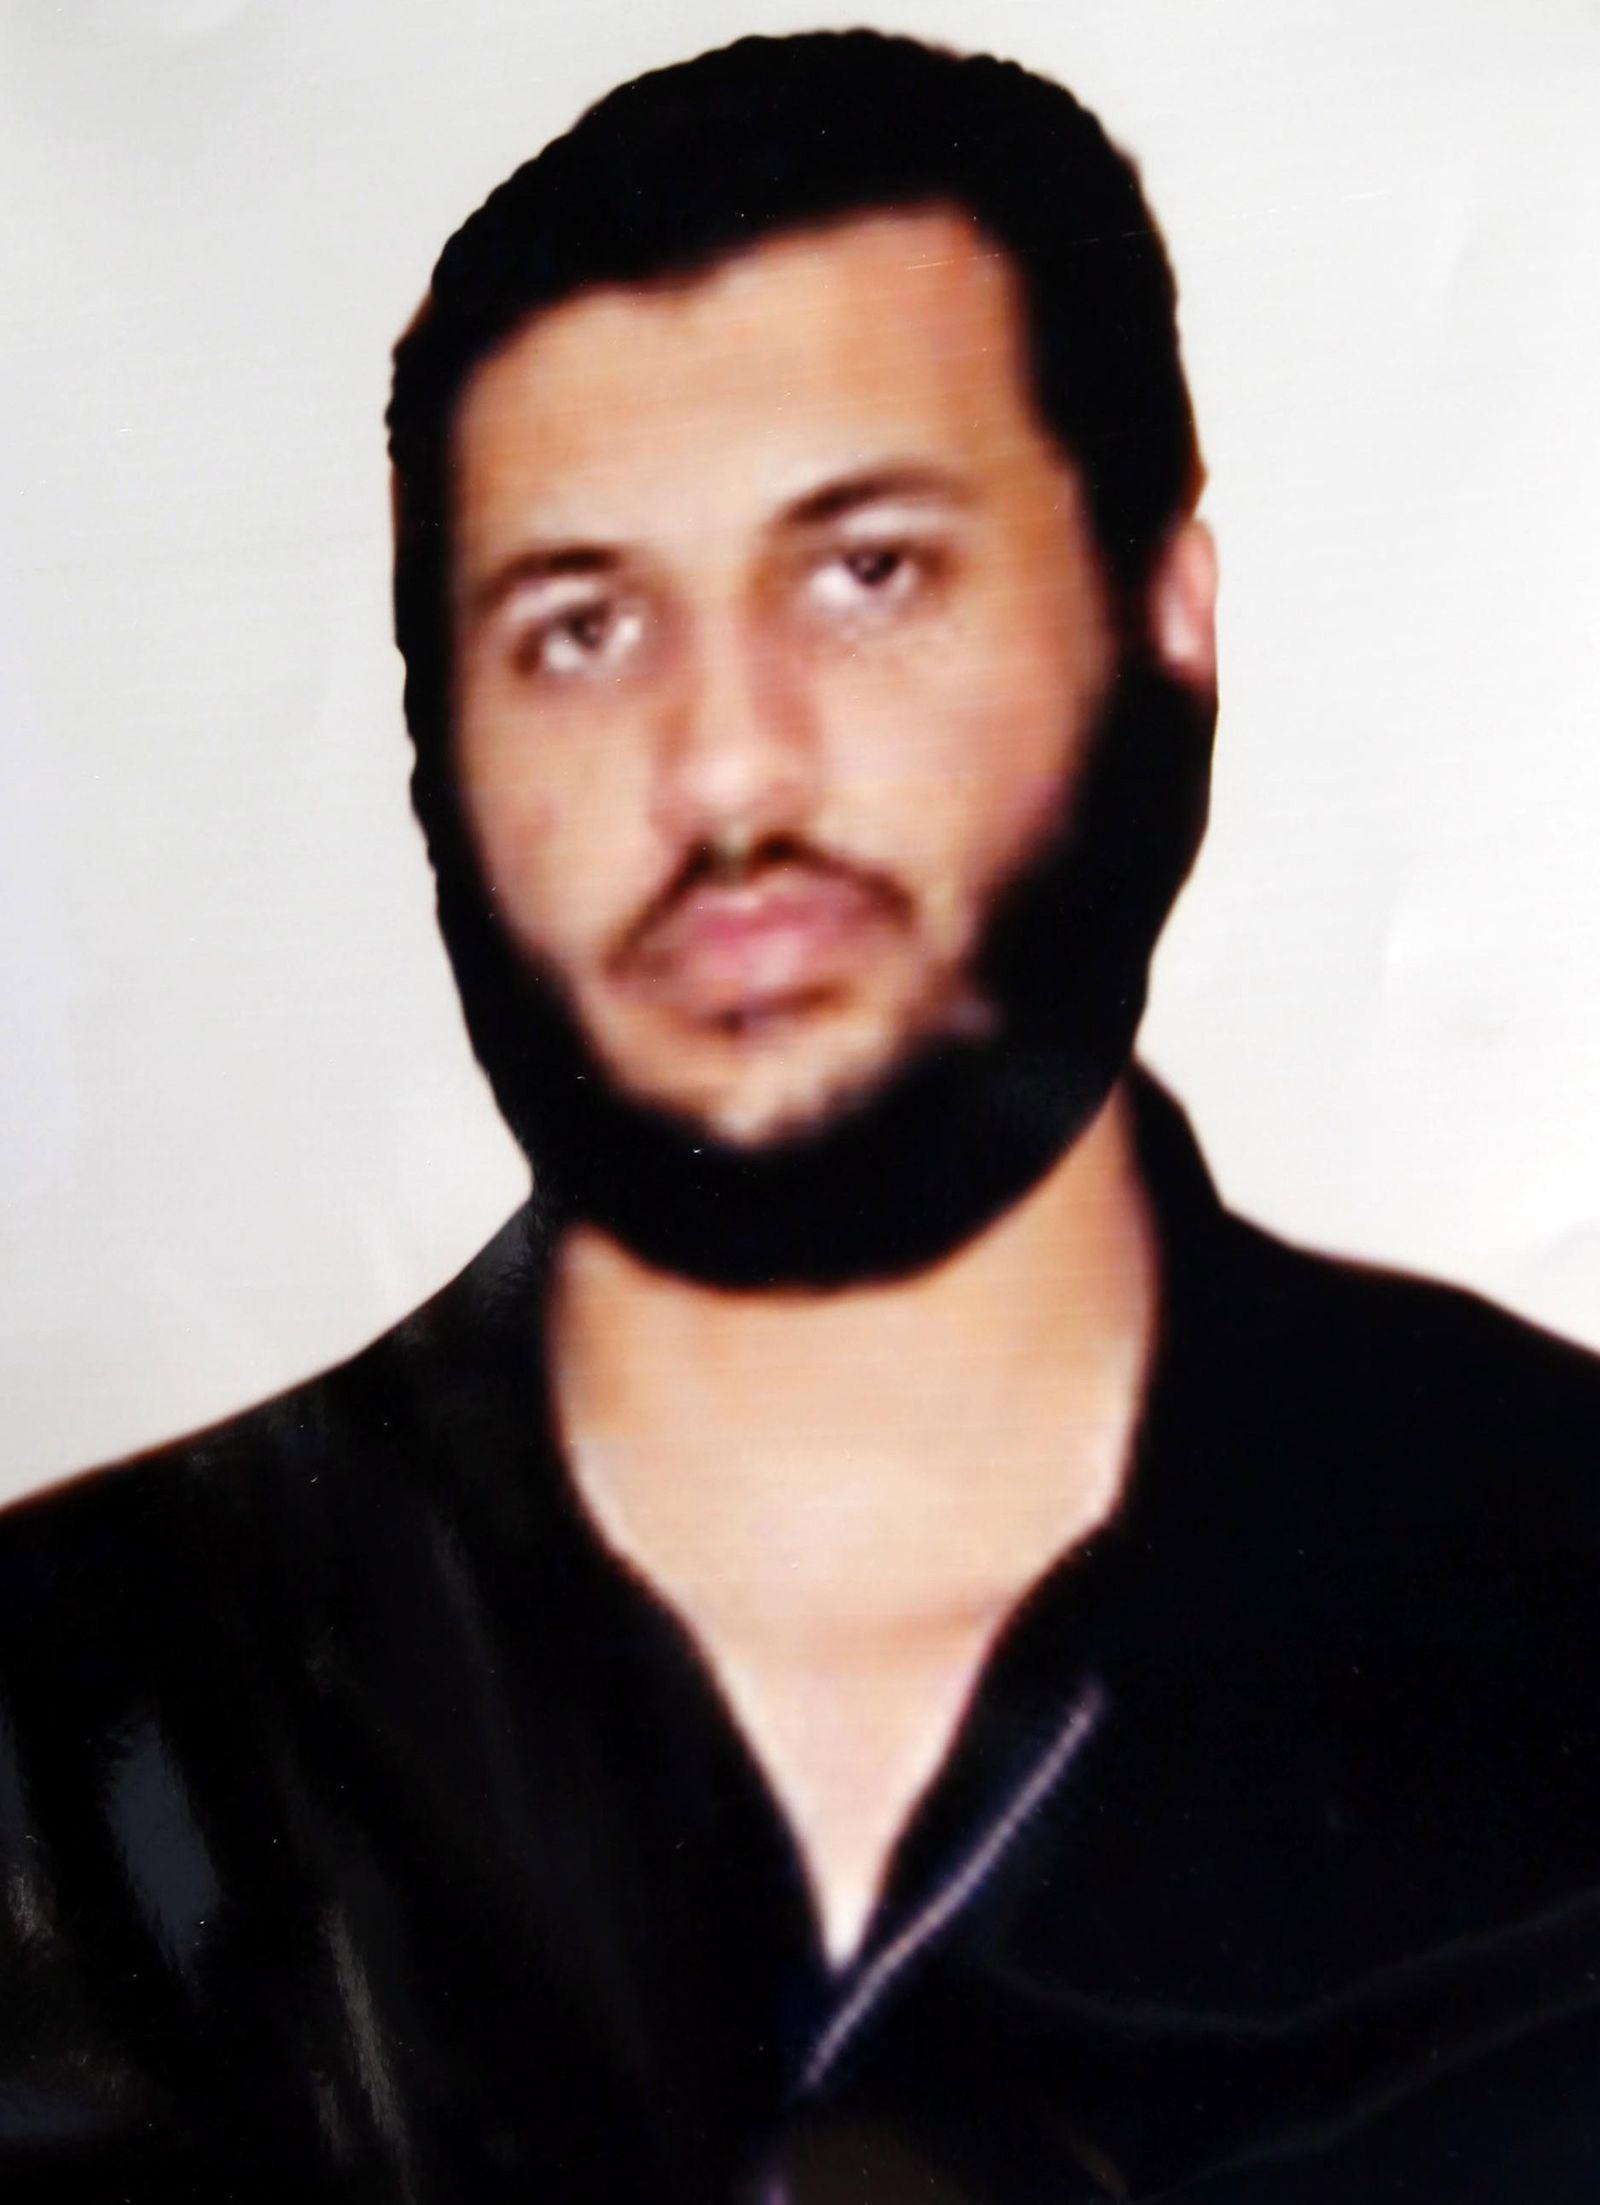 Saif al-Arab Gaddafi